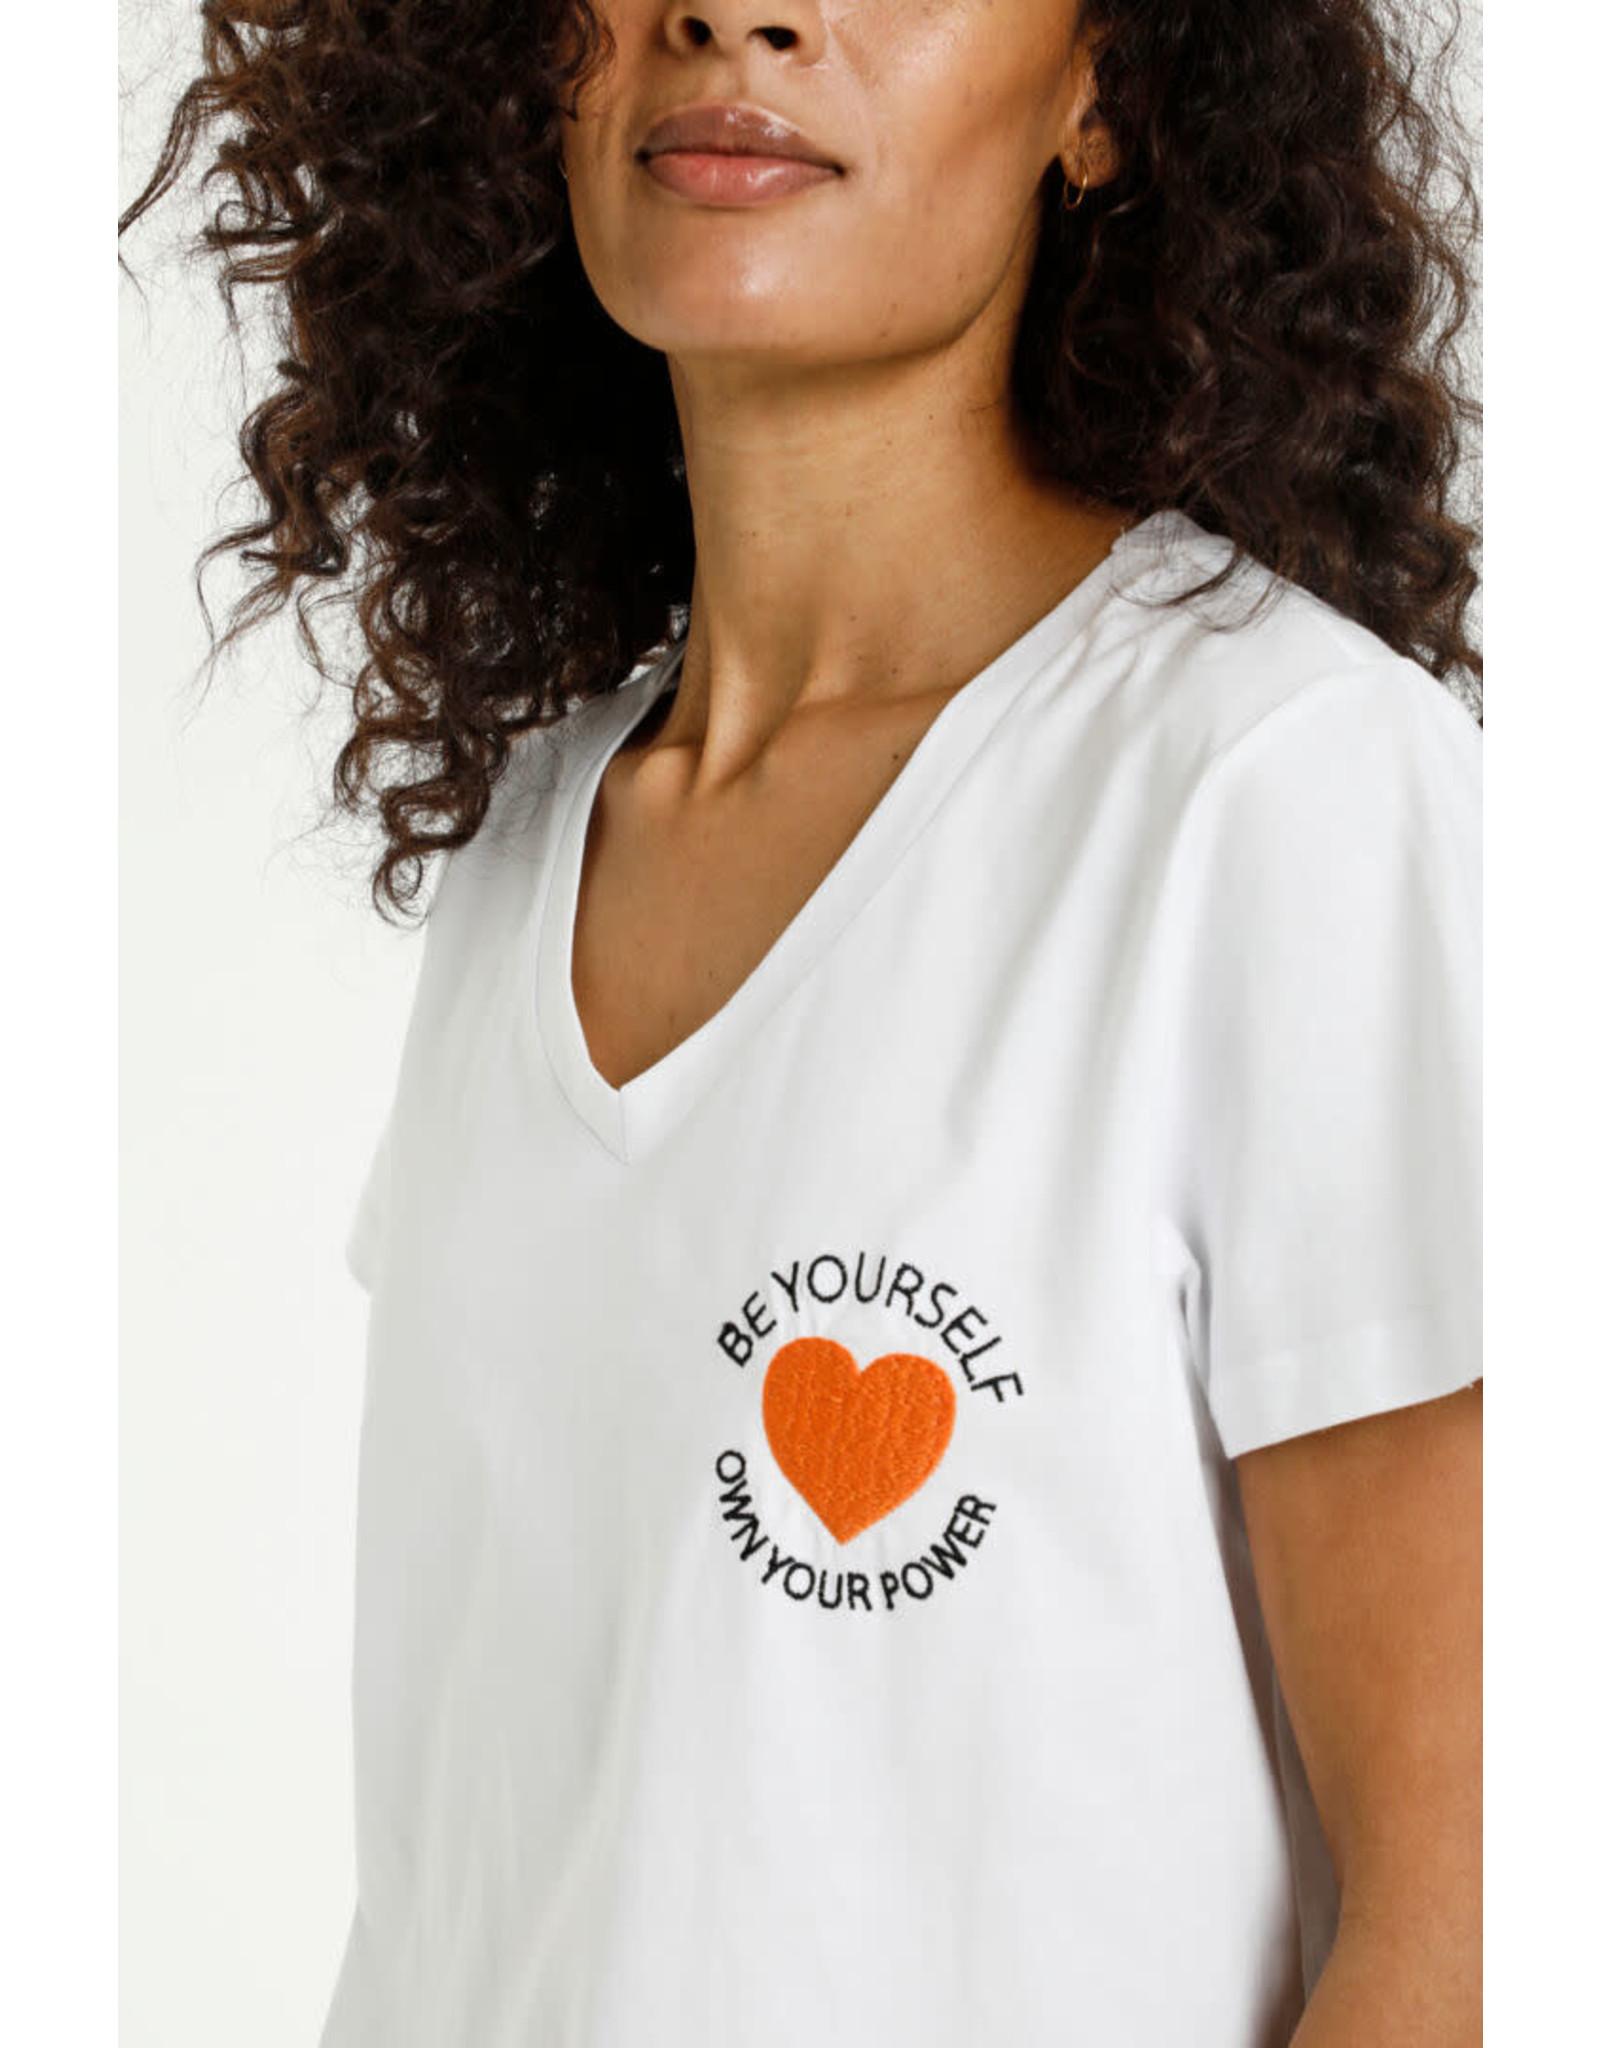 Kaffe Kaffe KAloani T-shirt